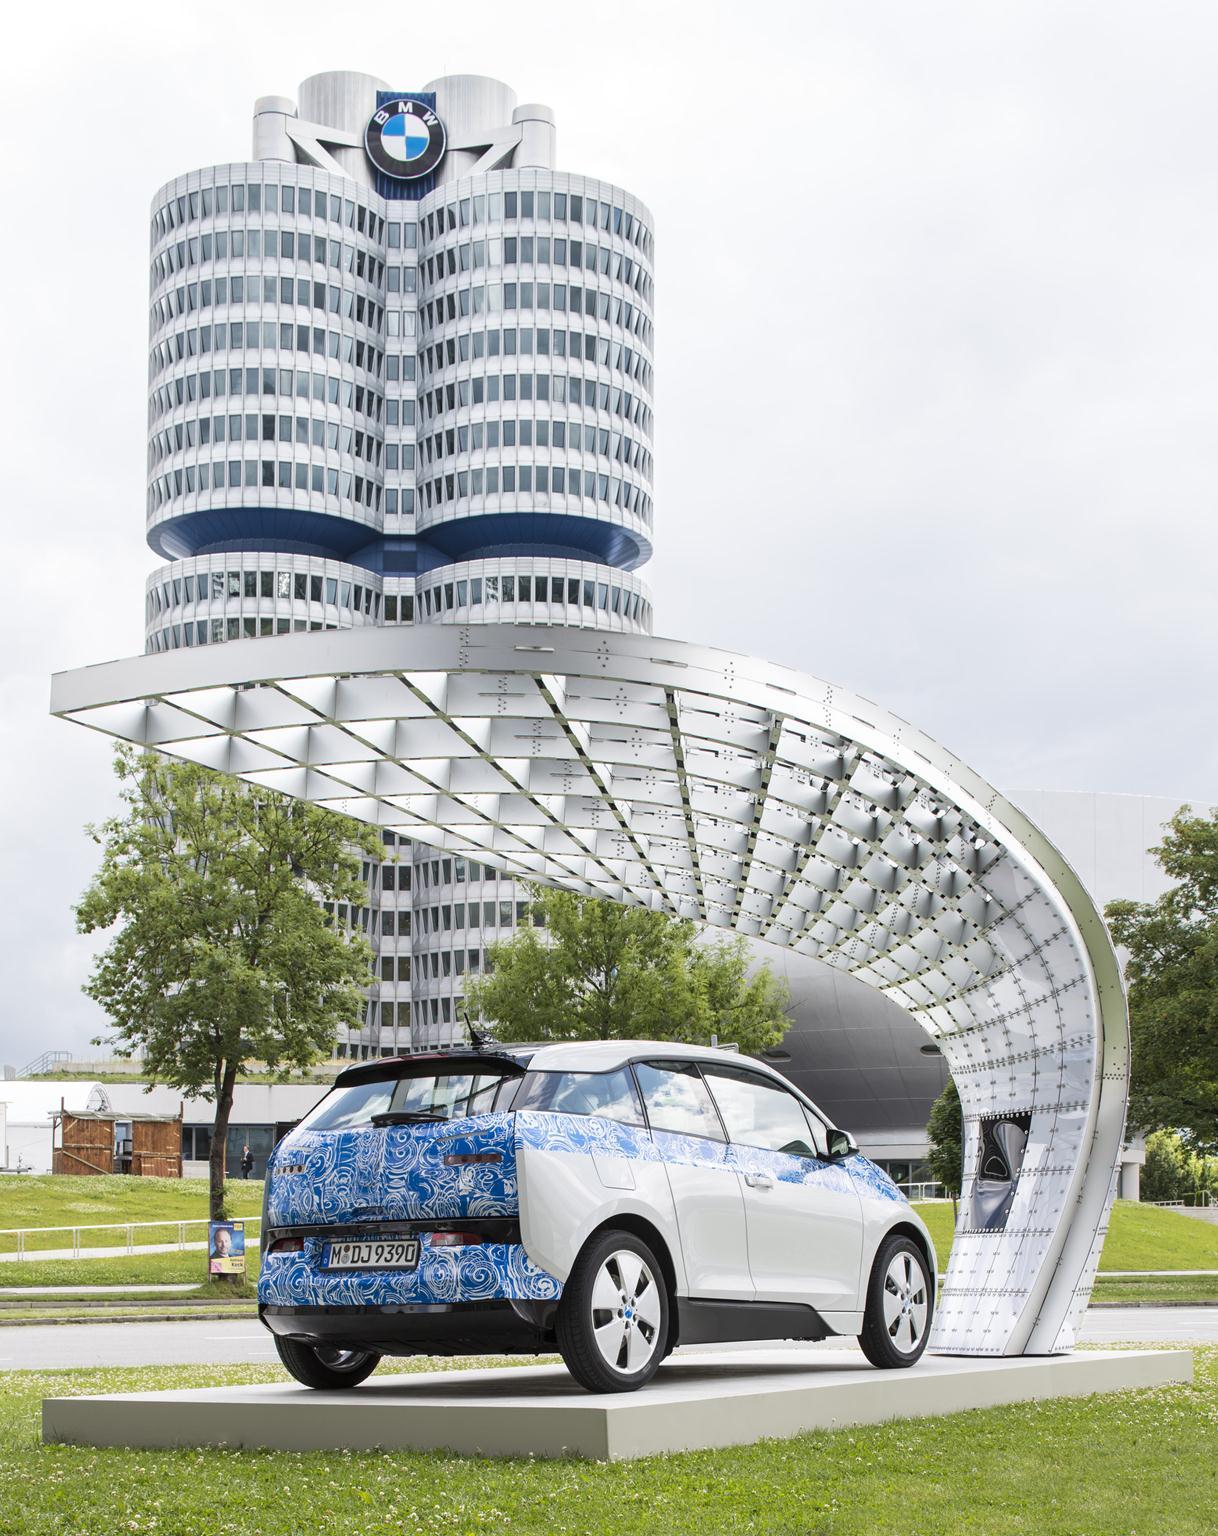 Trạm sạc năng lượng mặt trời EIGHTPoint © EIGHT GmbH & Co. KG.